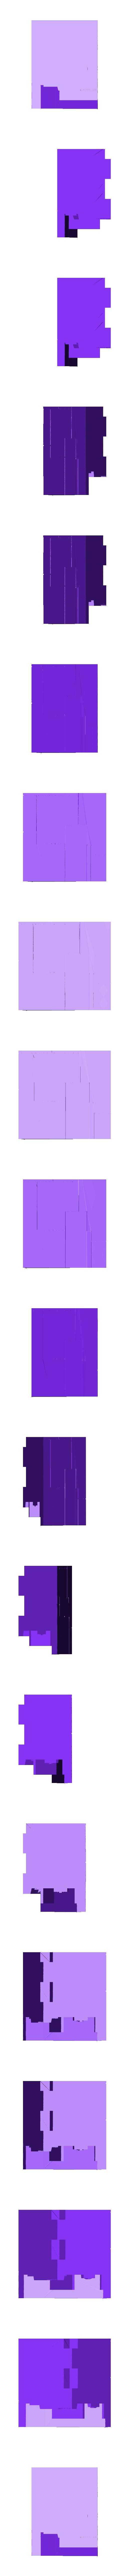 Rear_MidAA.stl Télécharger fichier STL gratuit Frégate Nebulon B (coupée et sectionnée) • Modèle pour impression 3D, Masterkookus